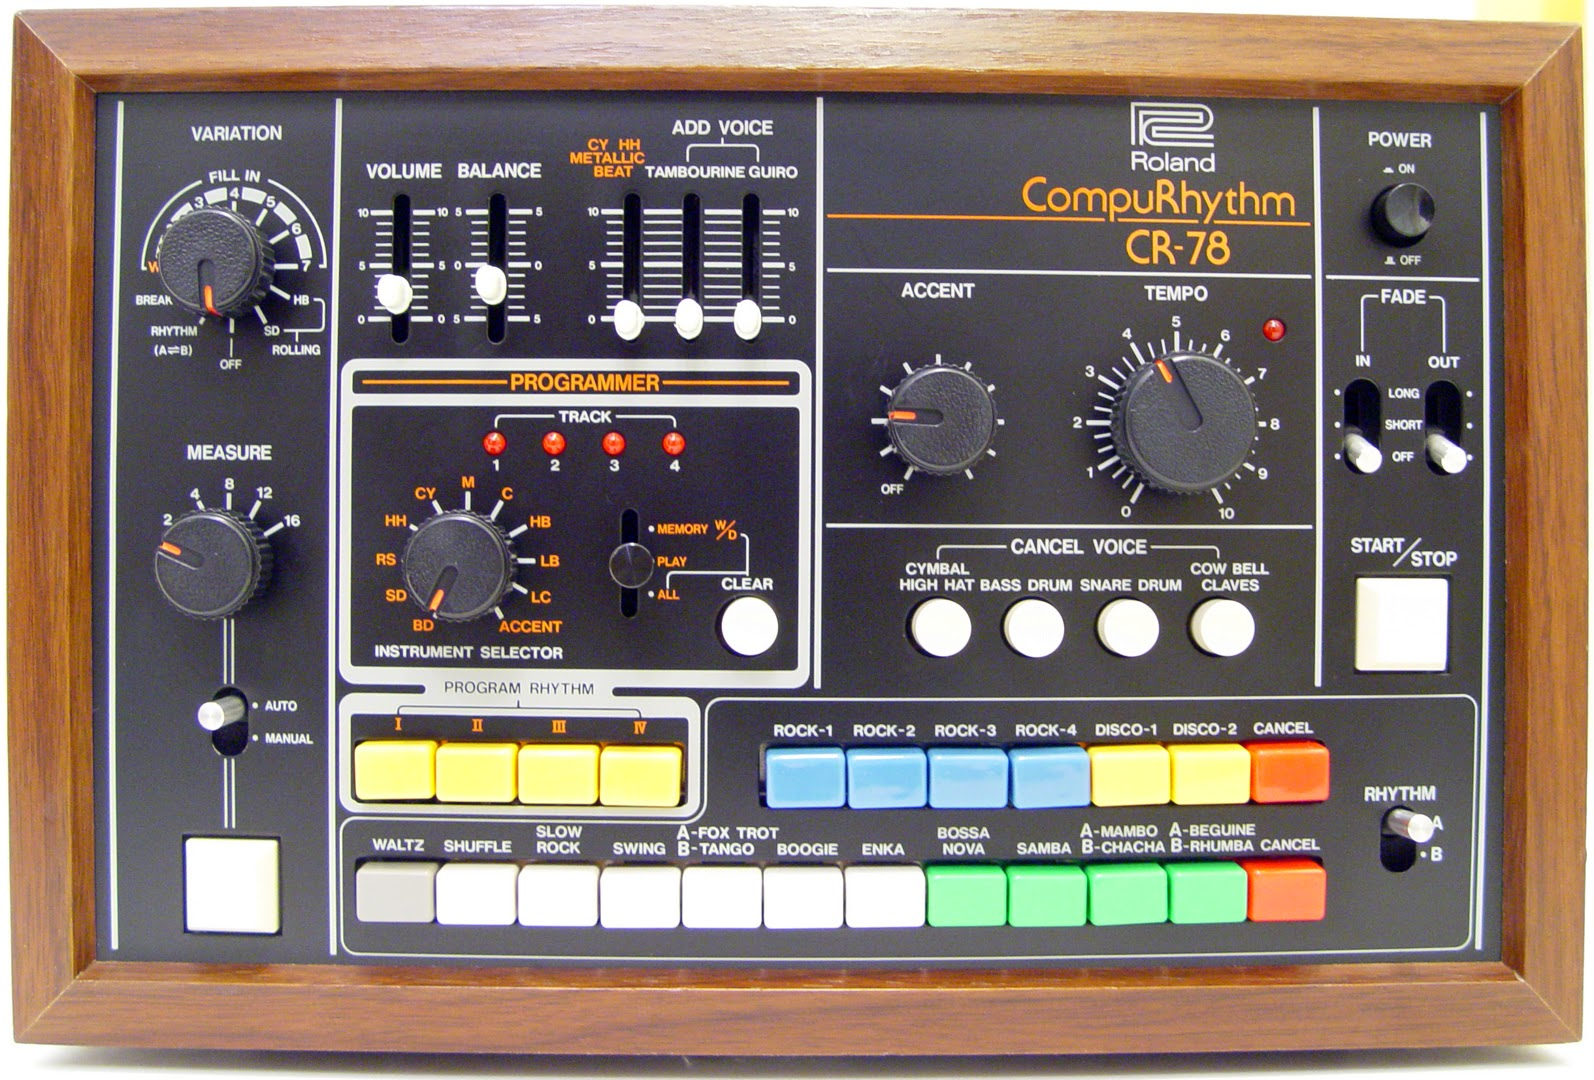 Best Drum Machine Electronic Music : jondent exploring electronic music roland compurhythm cr 800 drum machine ~ Russianpoet.info Haus und Dekorationen